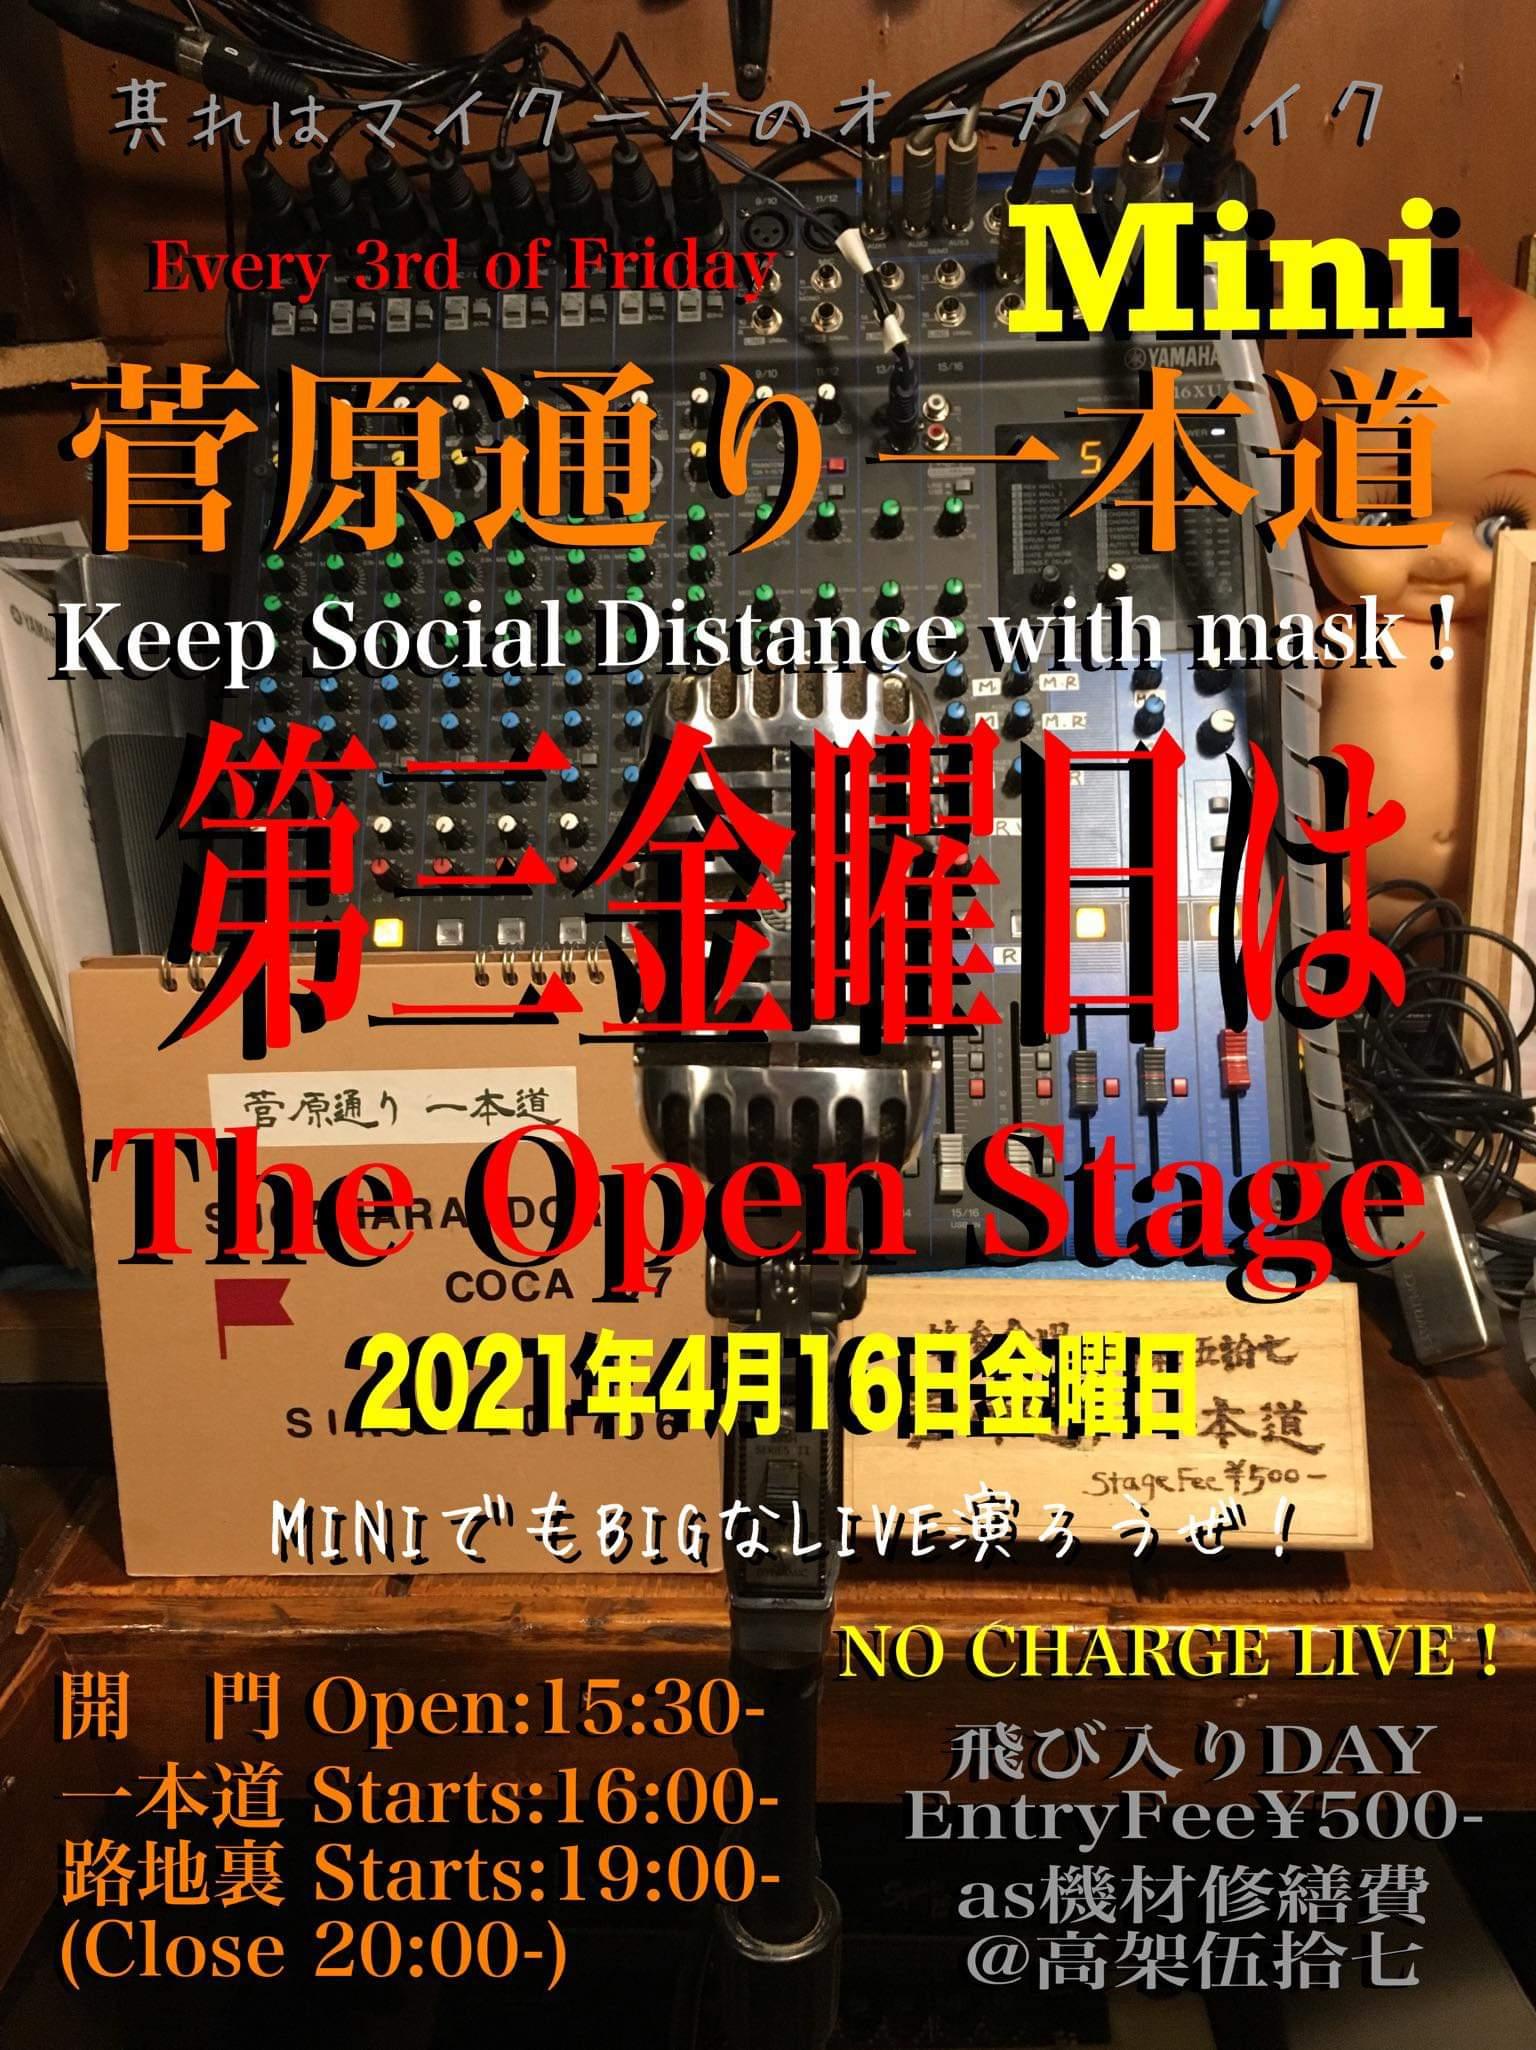 菅原通り一本道オープンマイク 15時30分オープン20時閉店